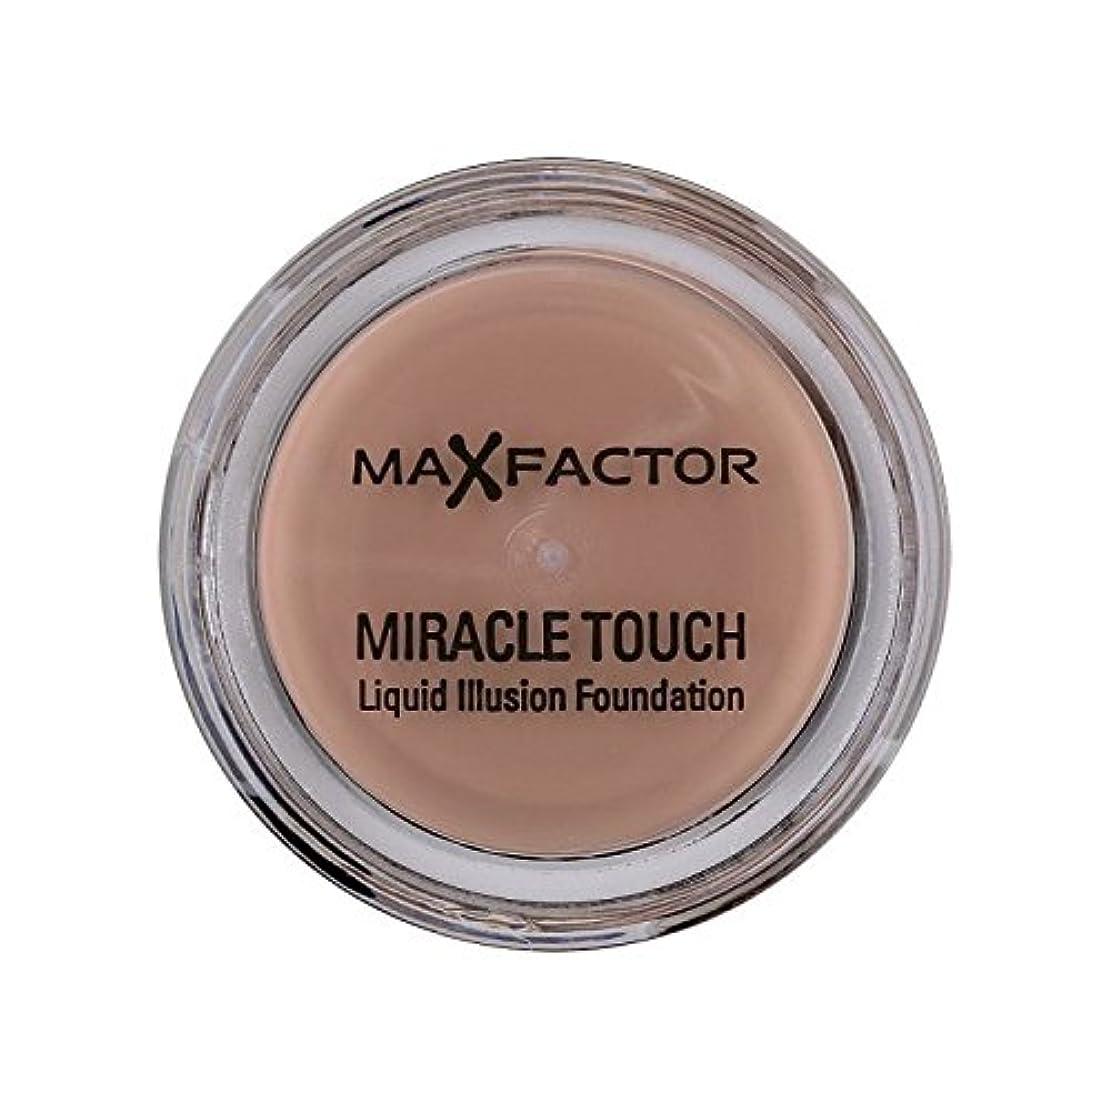 睡眠ベースモルヒネMax Factor Miracle Touch Foundation Natural 70 - マックスファクターの奇跡のタッチ基盤の自然70 [並行輸入品]